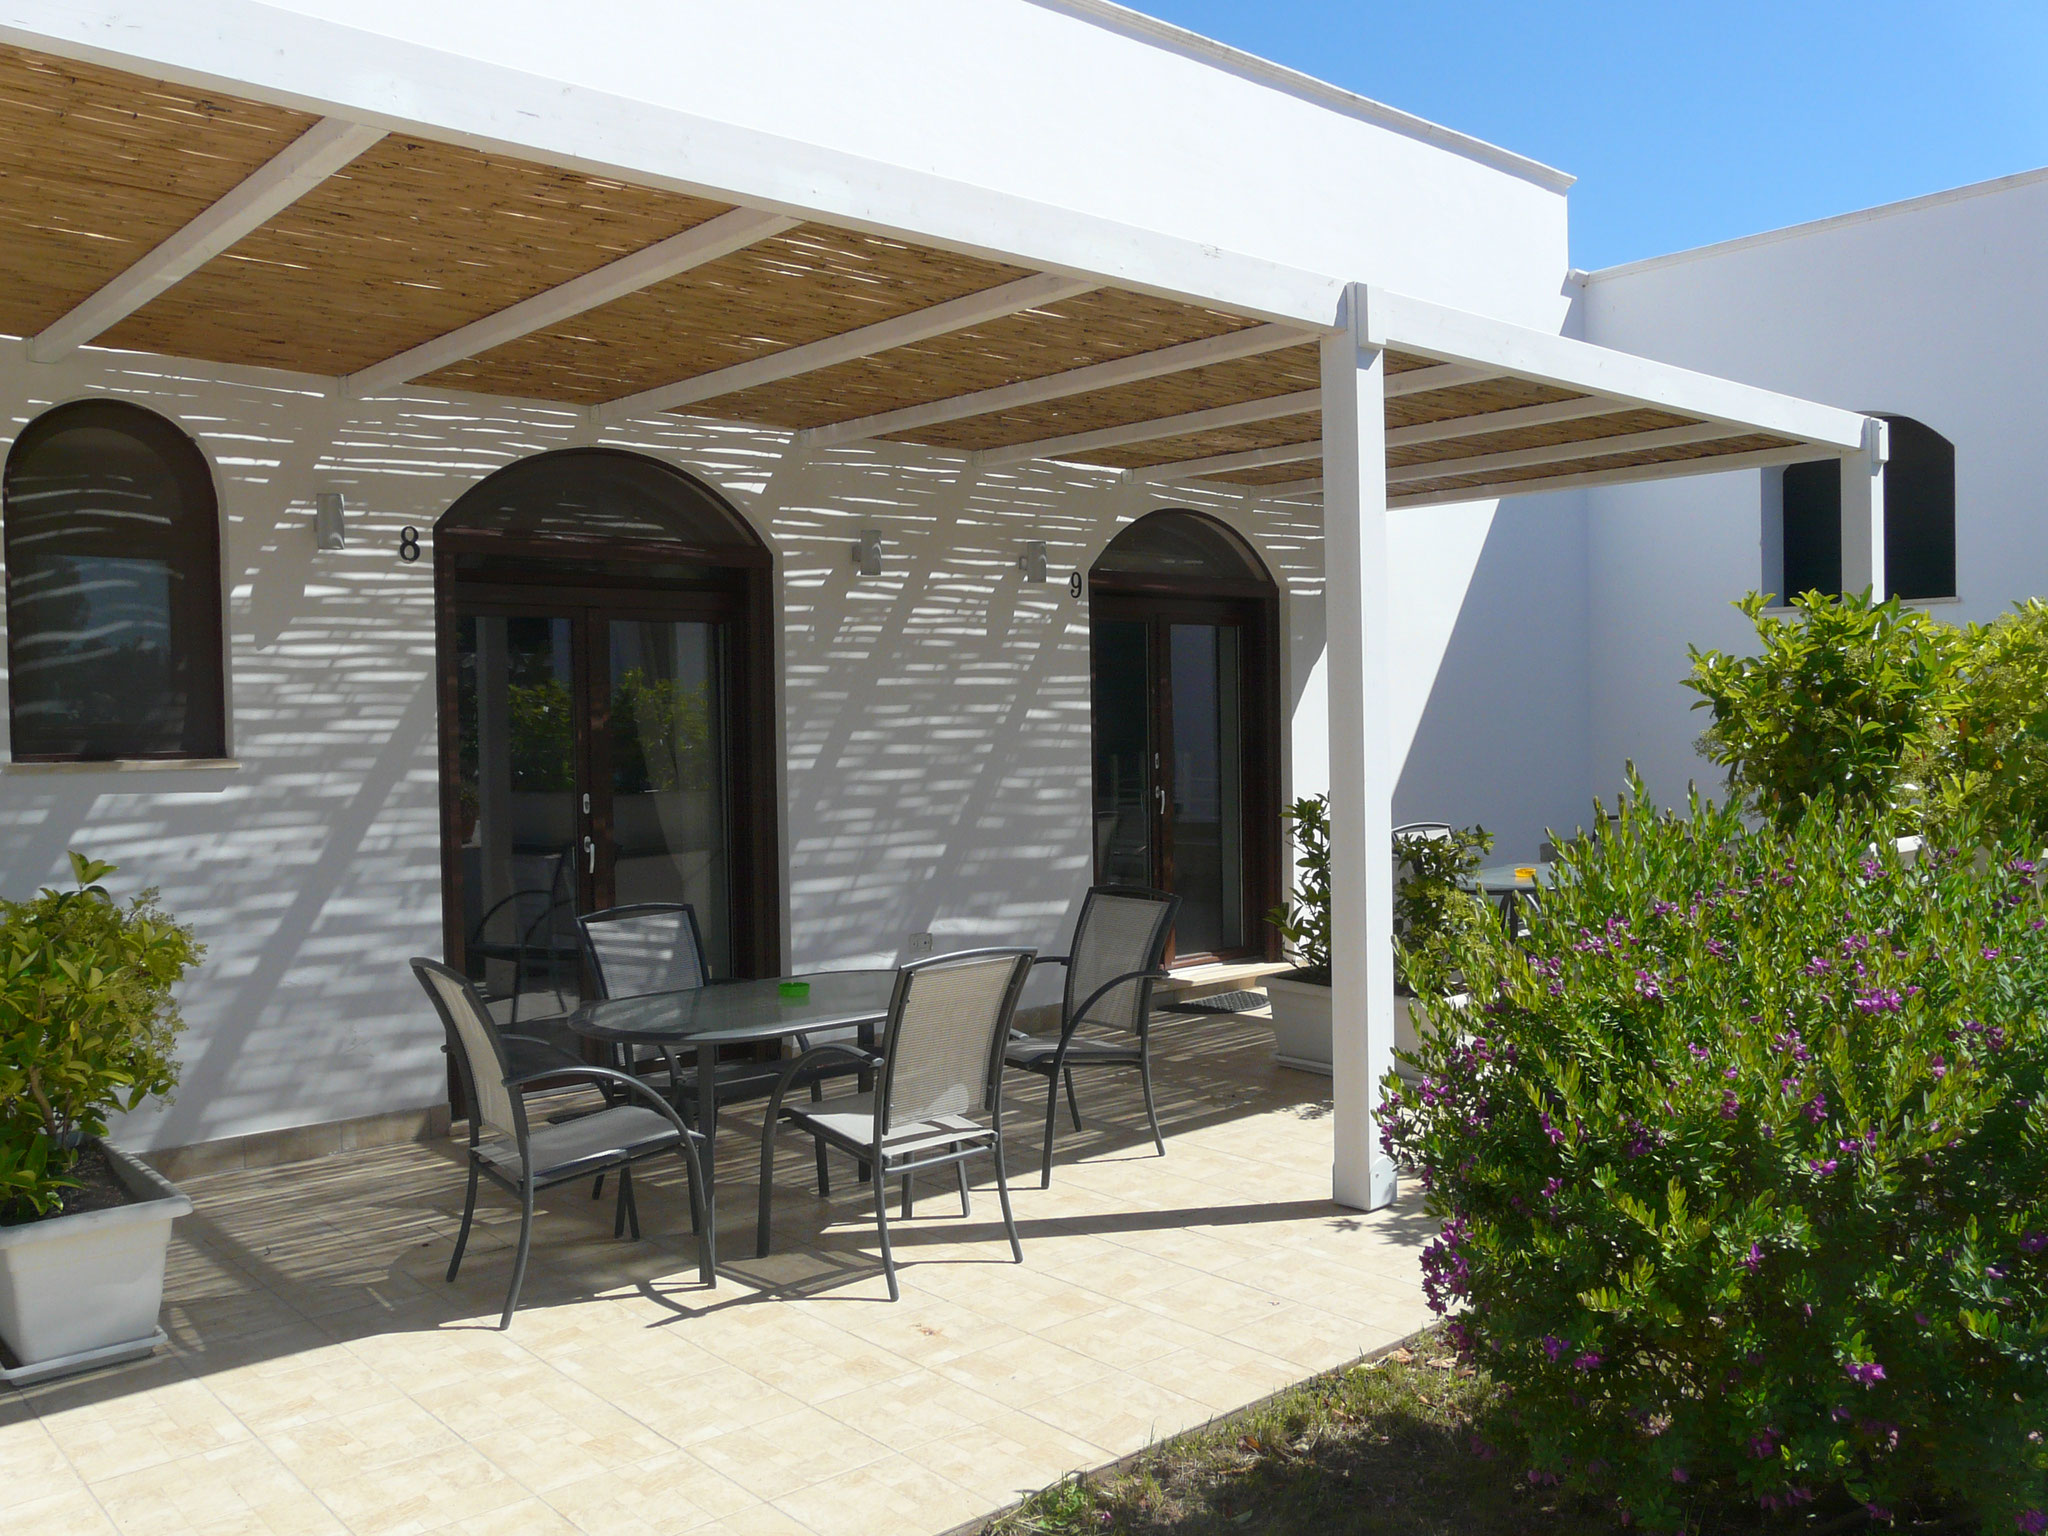 Lecce 8 - Terrassen